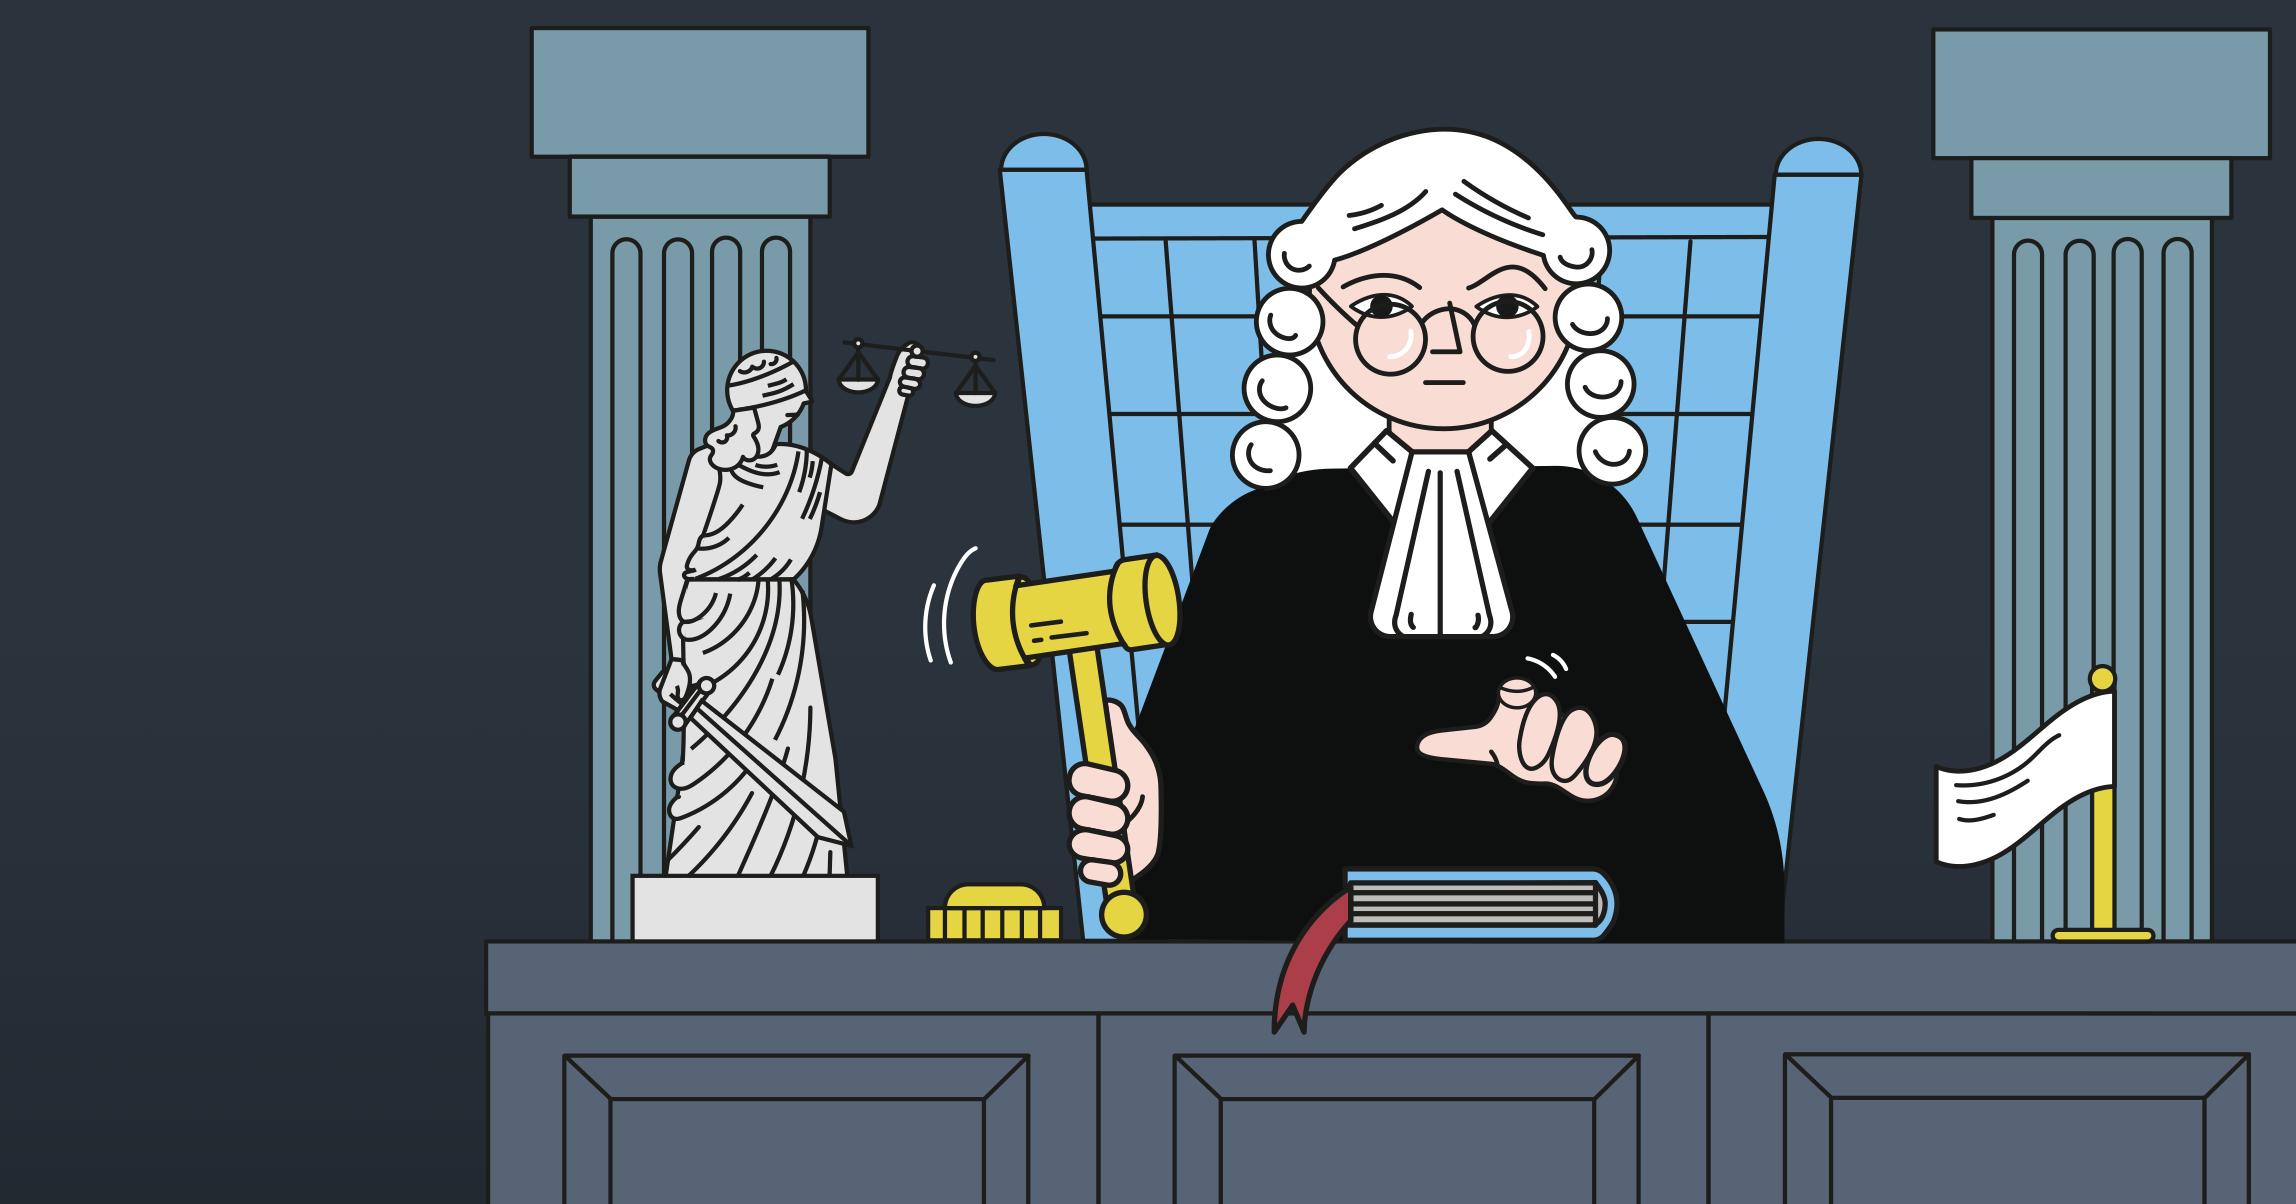 Штраф, тюрьма или успех. Как хорошо вы знаете знаете законы для бизнеса? Тест Inc. и «Точки»